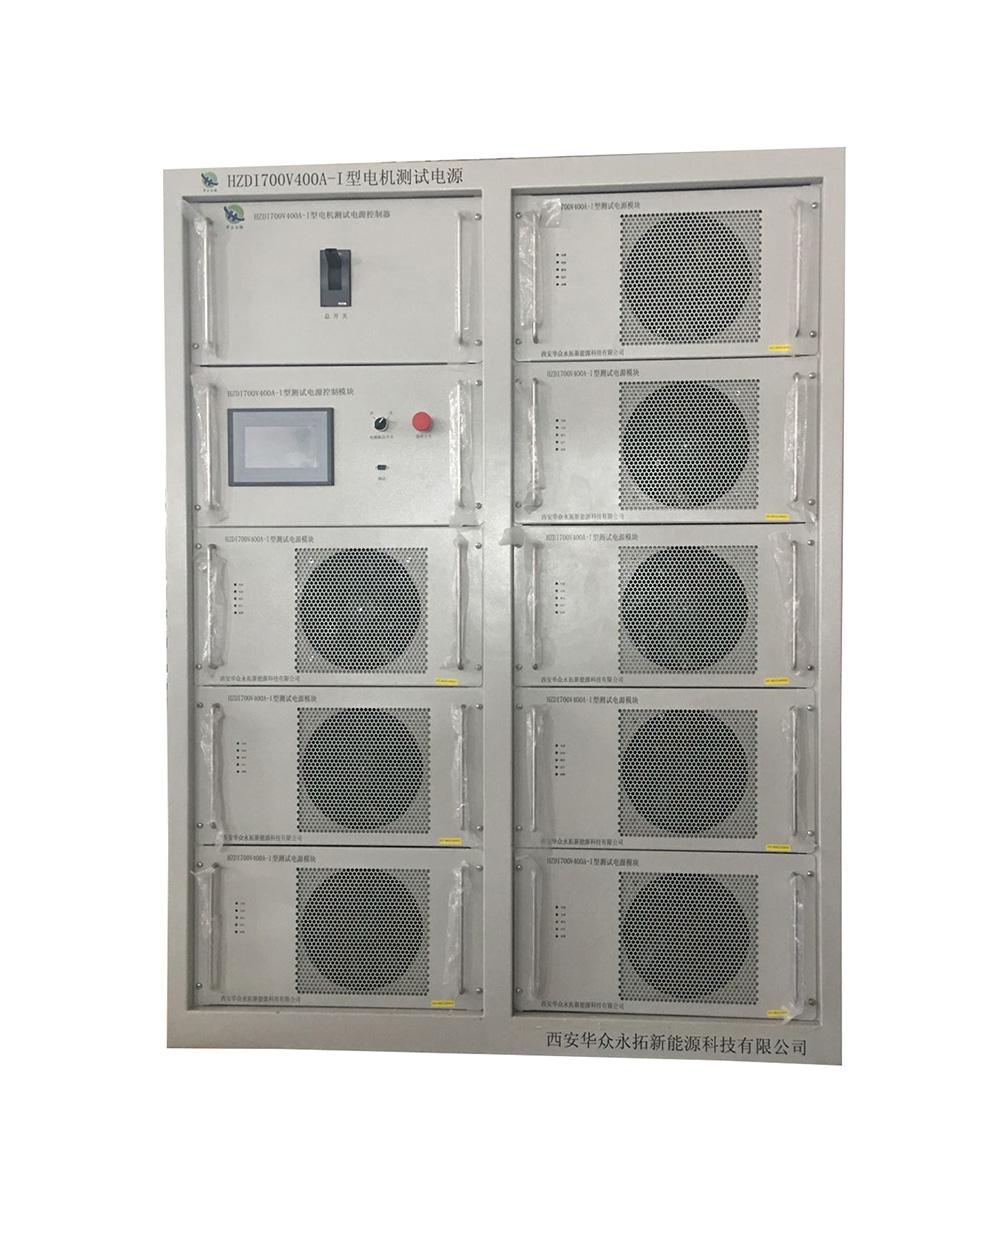 大功率电源柜700V400A